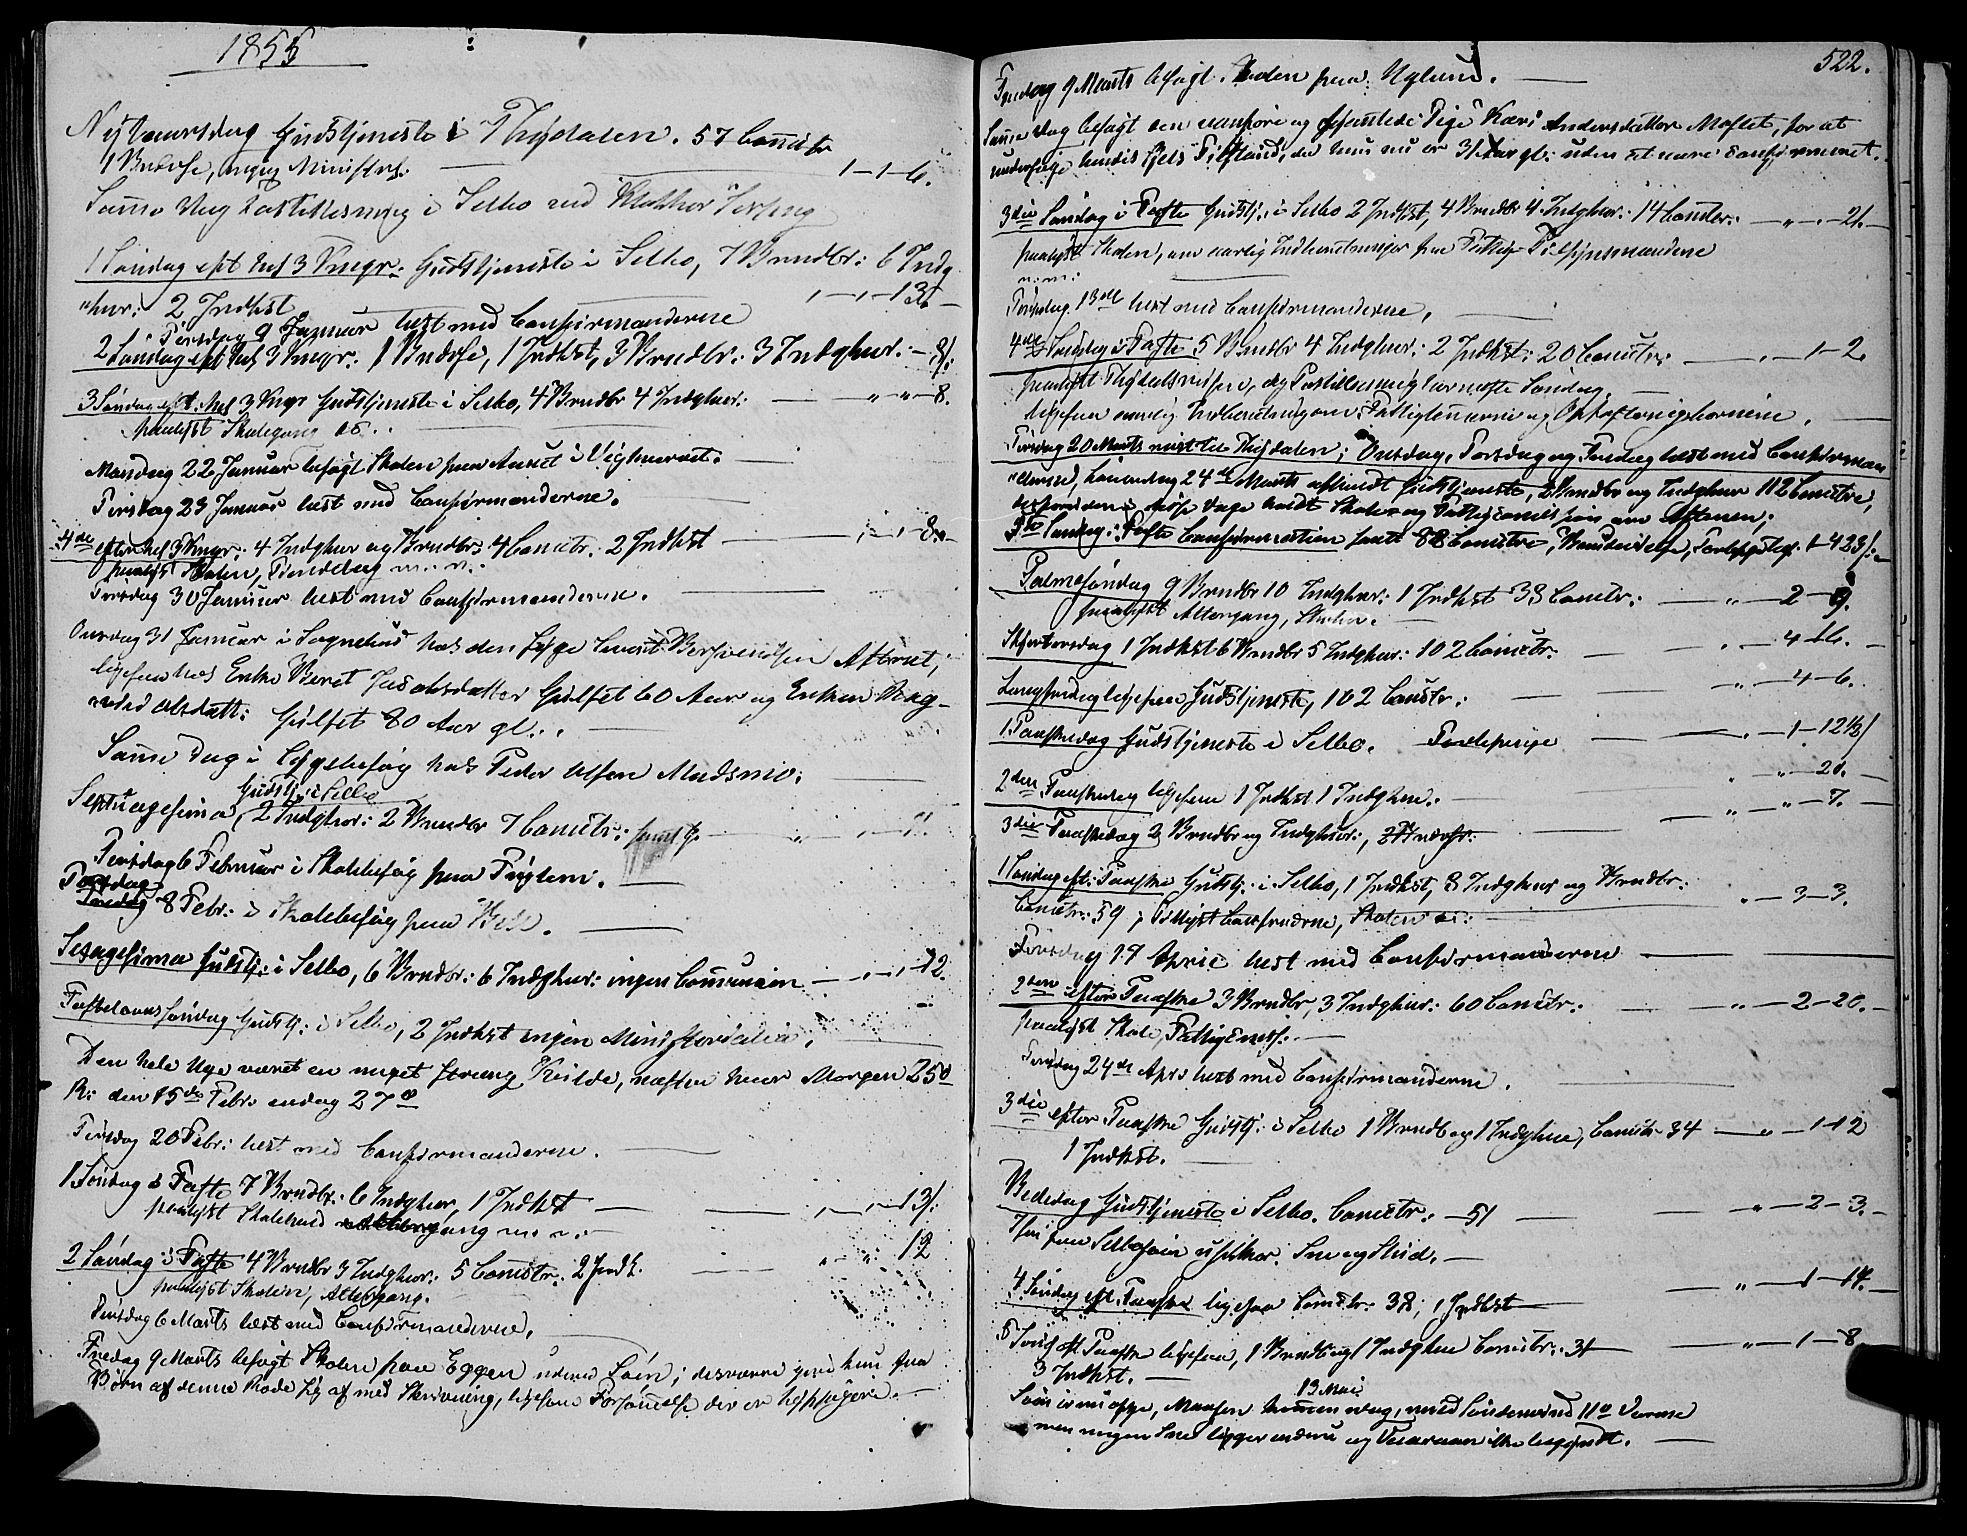 SAT, Ministerialprotokoller, klokkerbøker og fødselsregistre - Sør-Trøndelag, 695/L1145: Ministerialbok nr. 695A06 /1, 1843-1859, s. 522